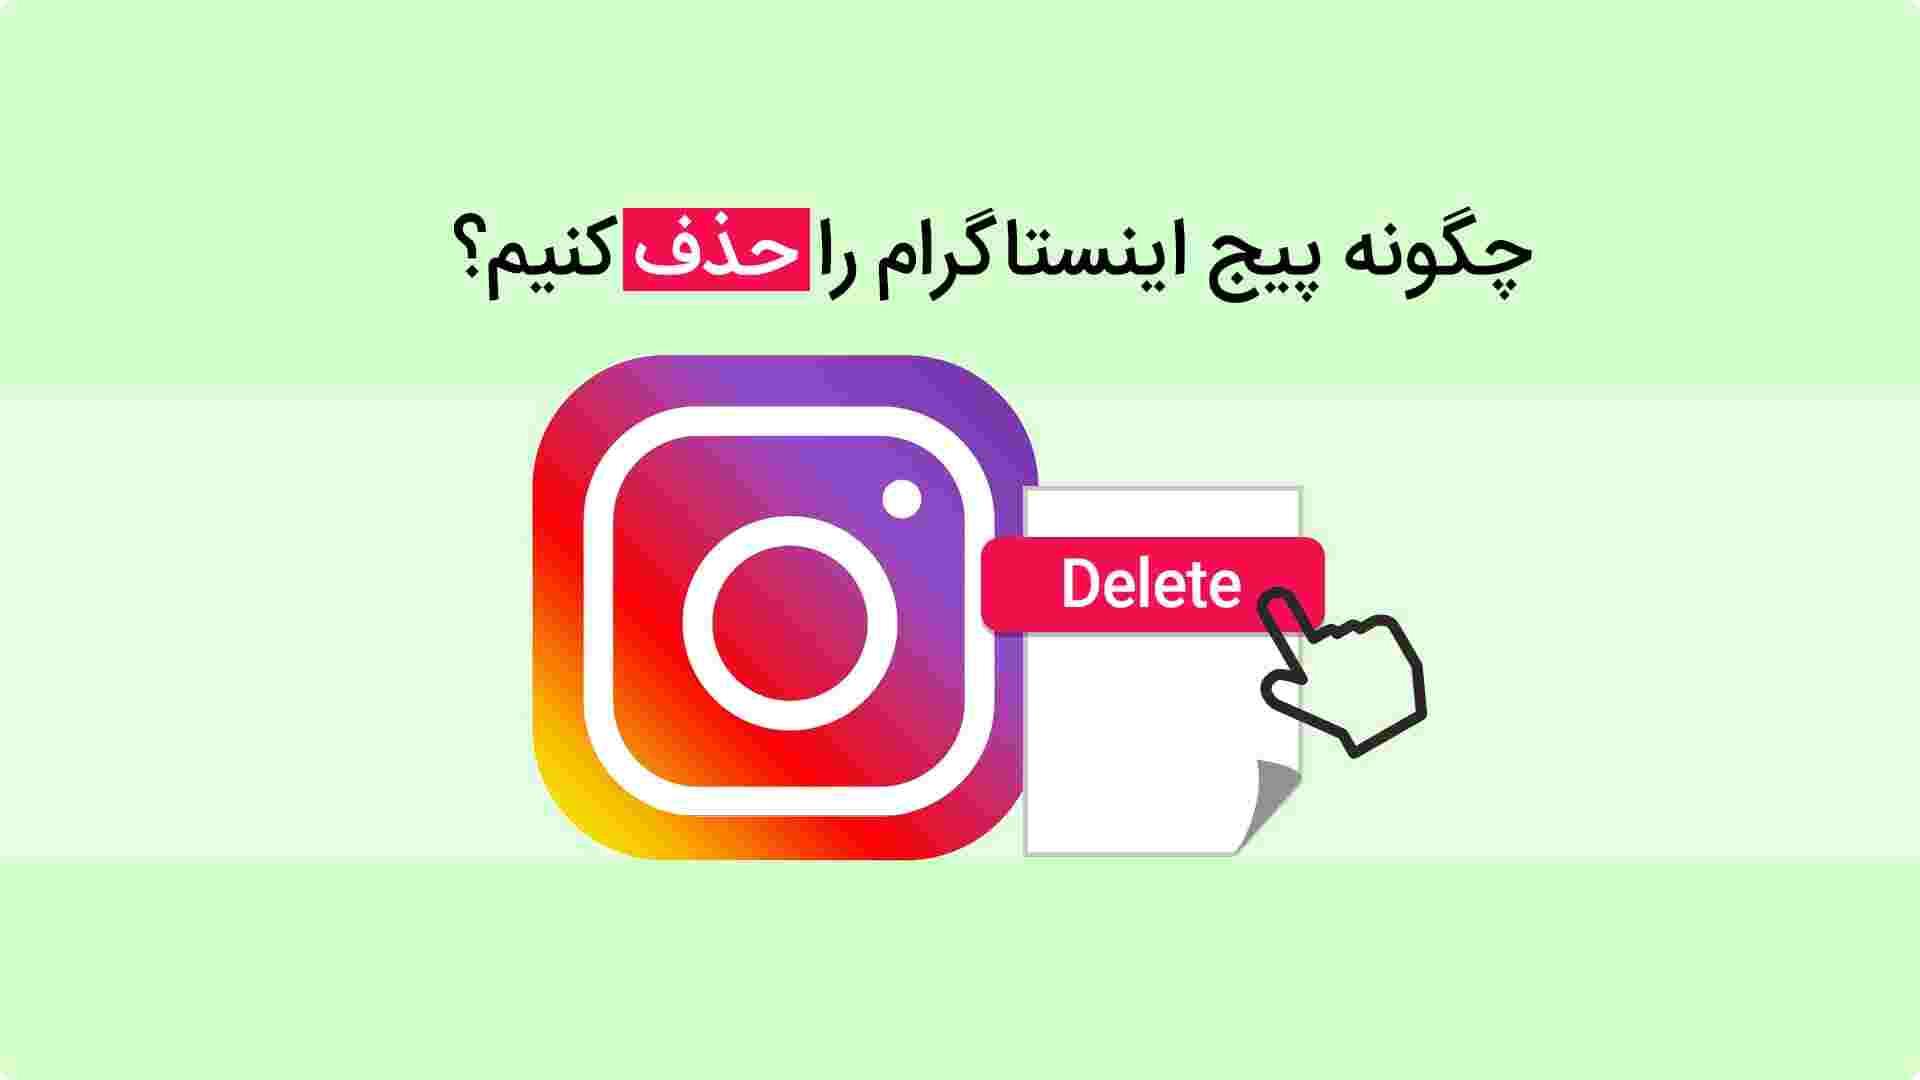 چگونه پیج اینستاگرام را حذف کنیم؟